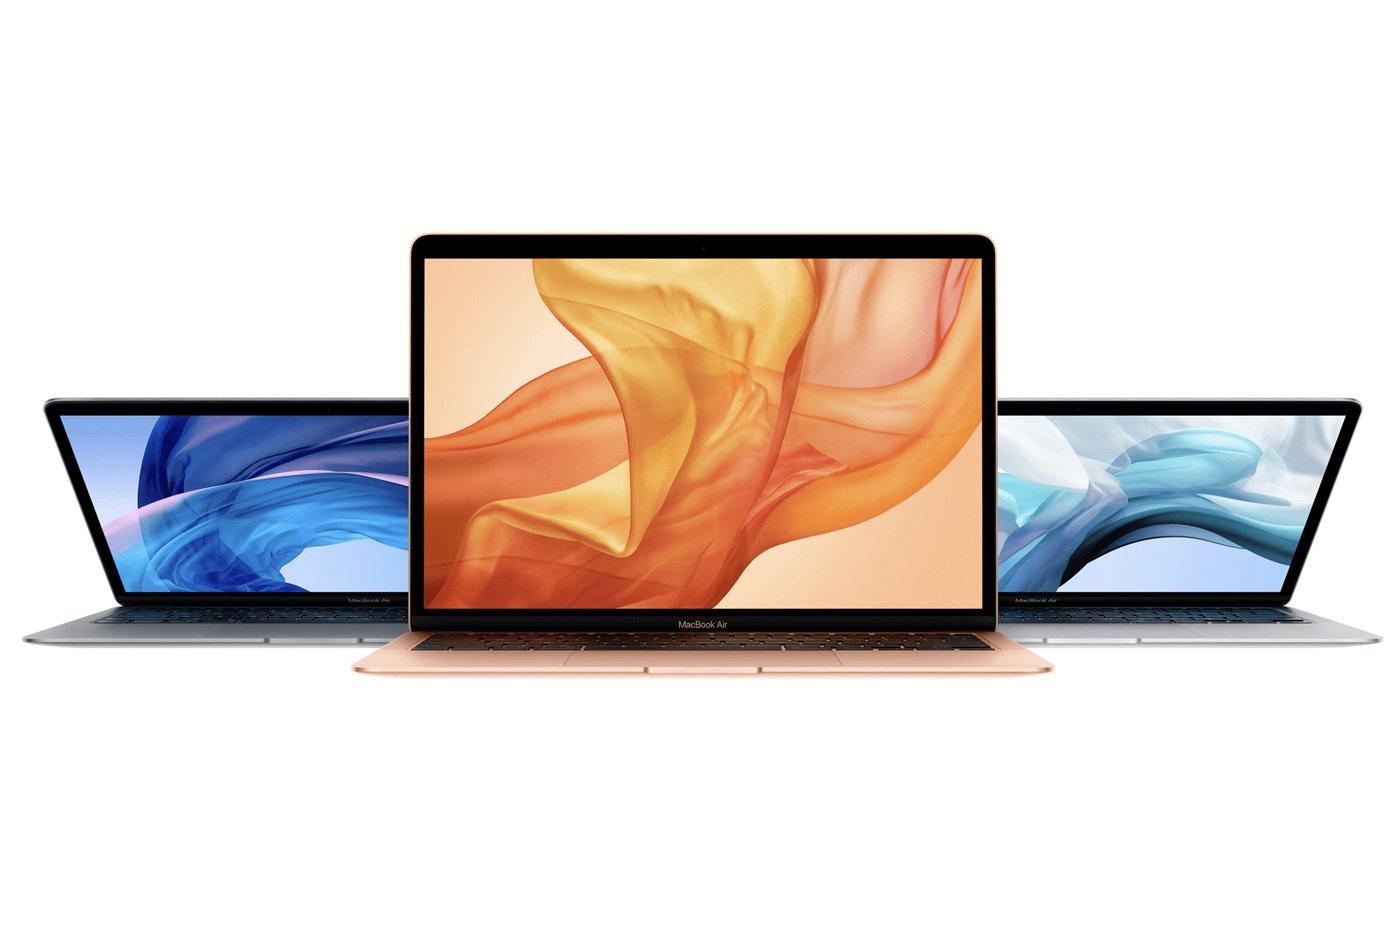 Meilleur Prix MacBook Air 13